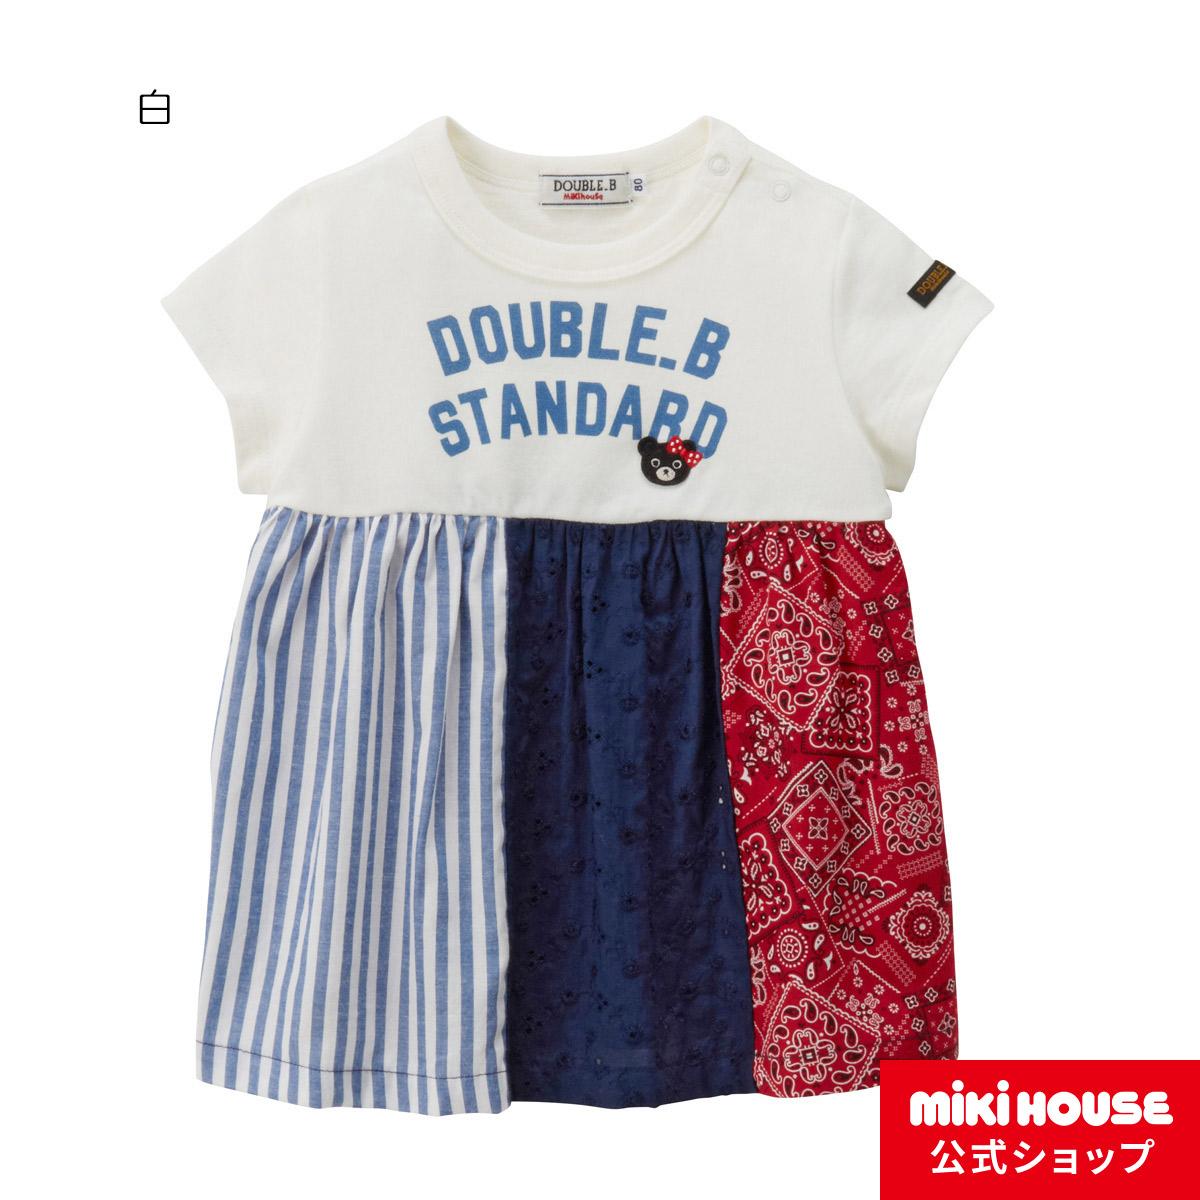 ミキハウス ダブルビー mikihouse パッチワーク風半袖Tシャツ(140cm) 女の子 半そで かわいい こども 子供服